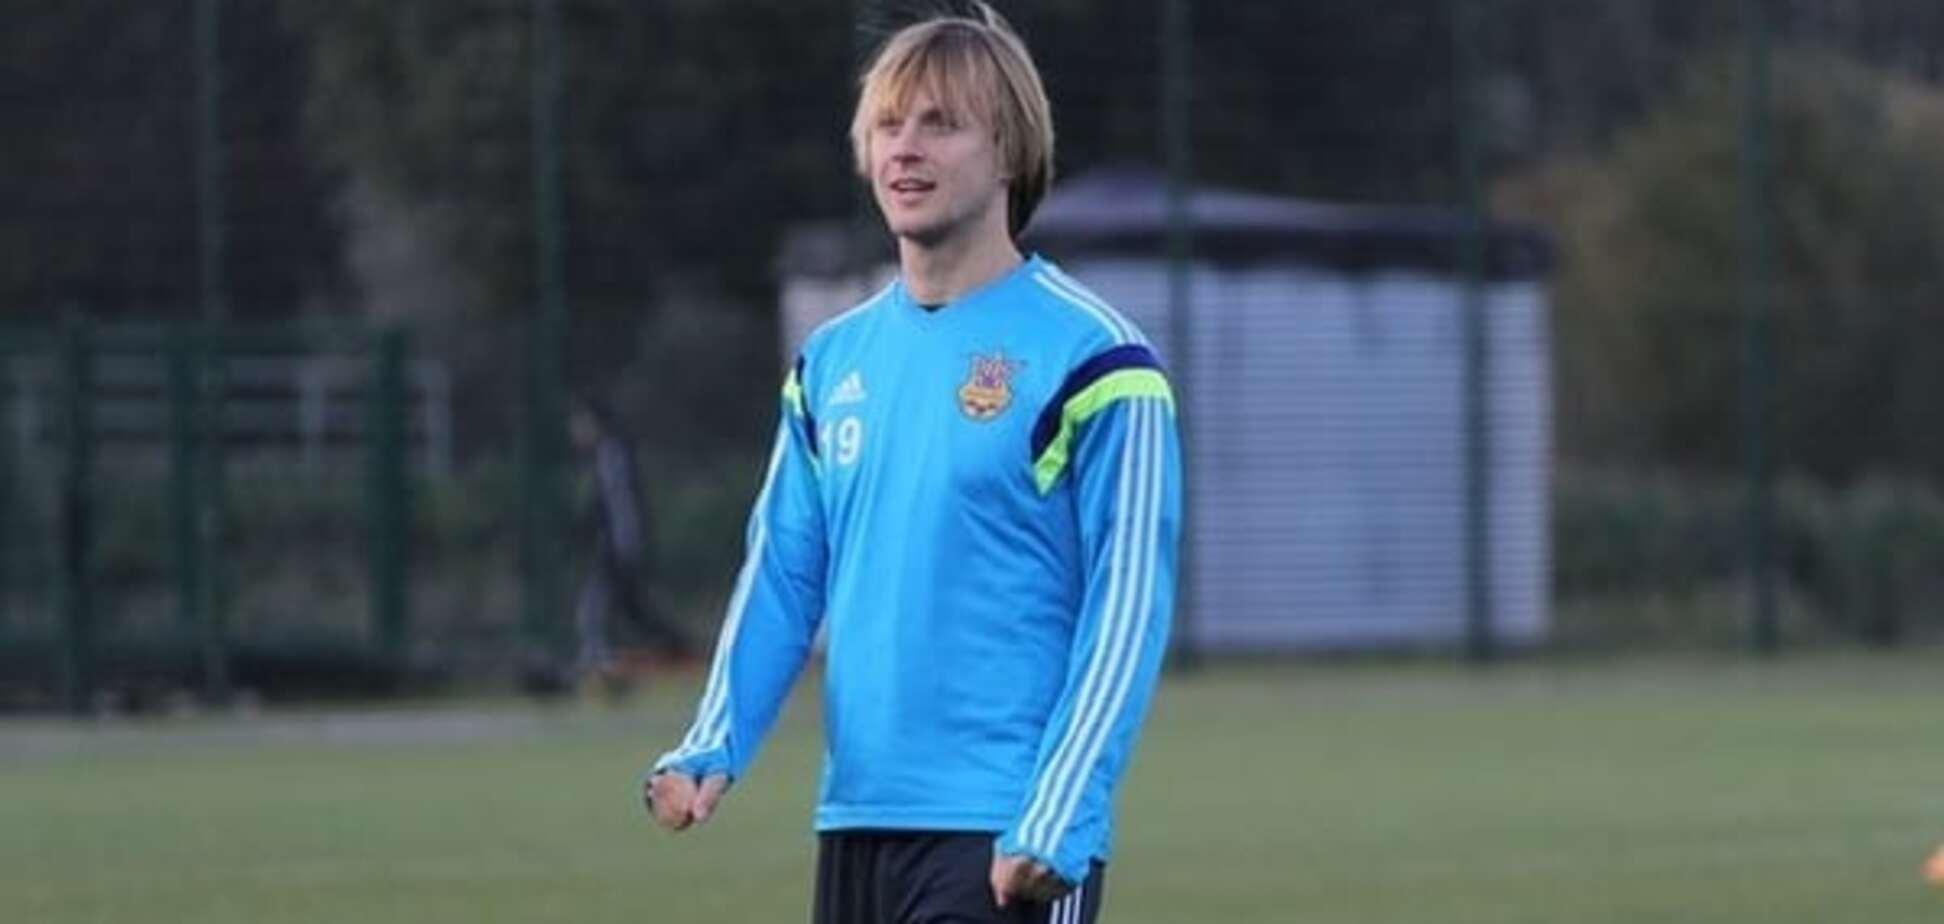 Полузащитник сборной Украины сенсационно разорвал контракт и остался без клуба